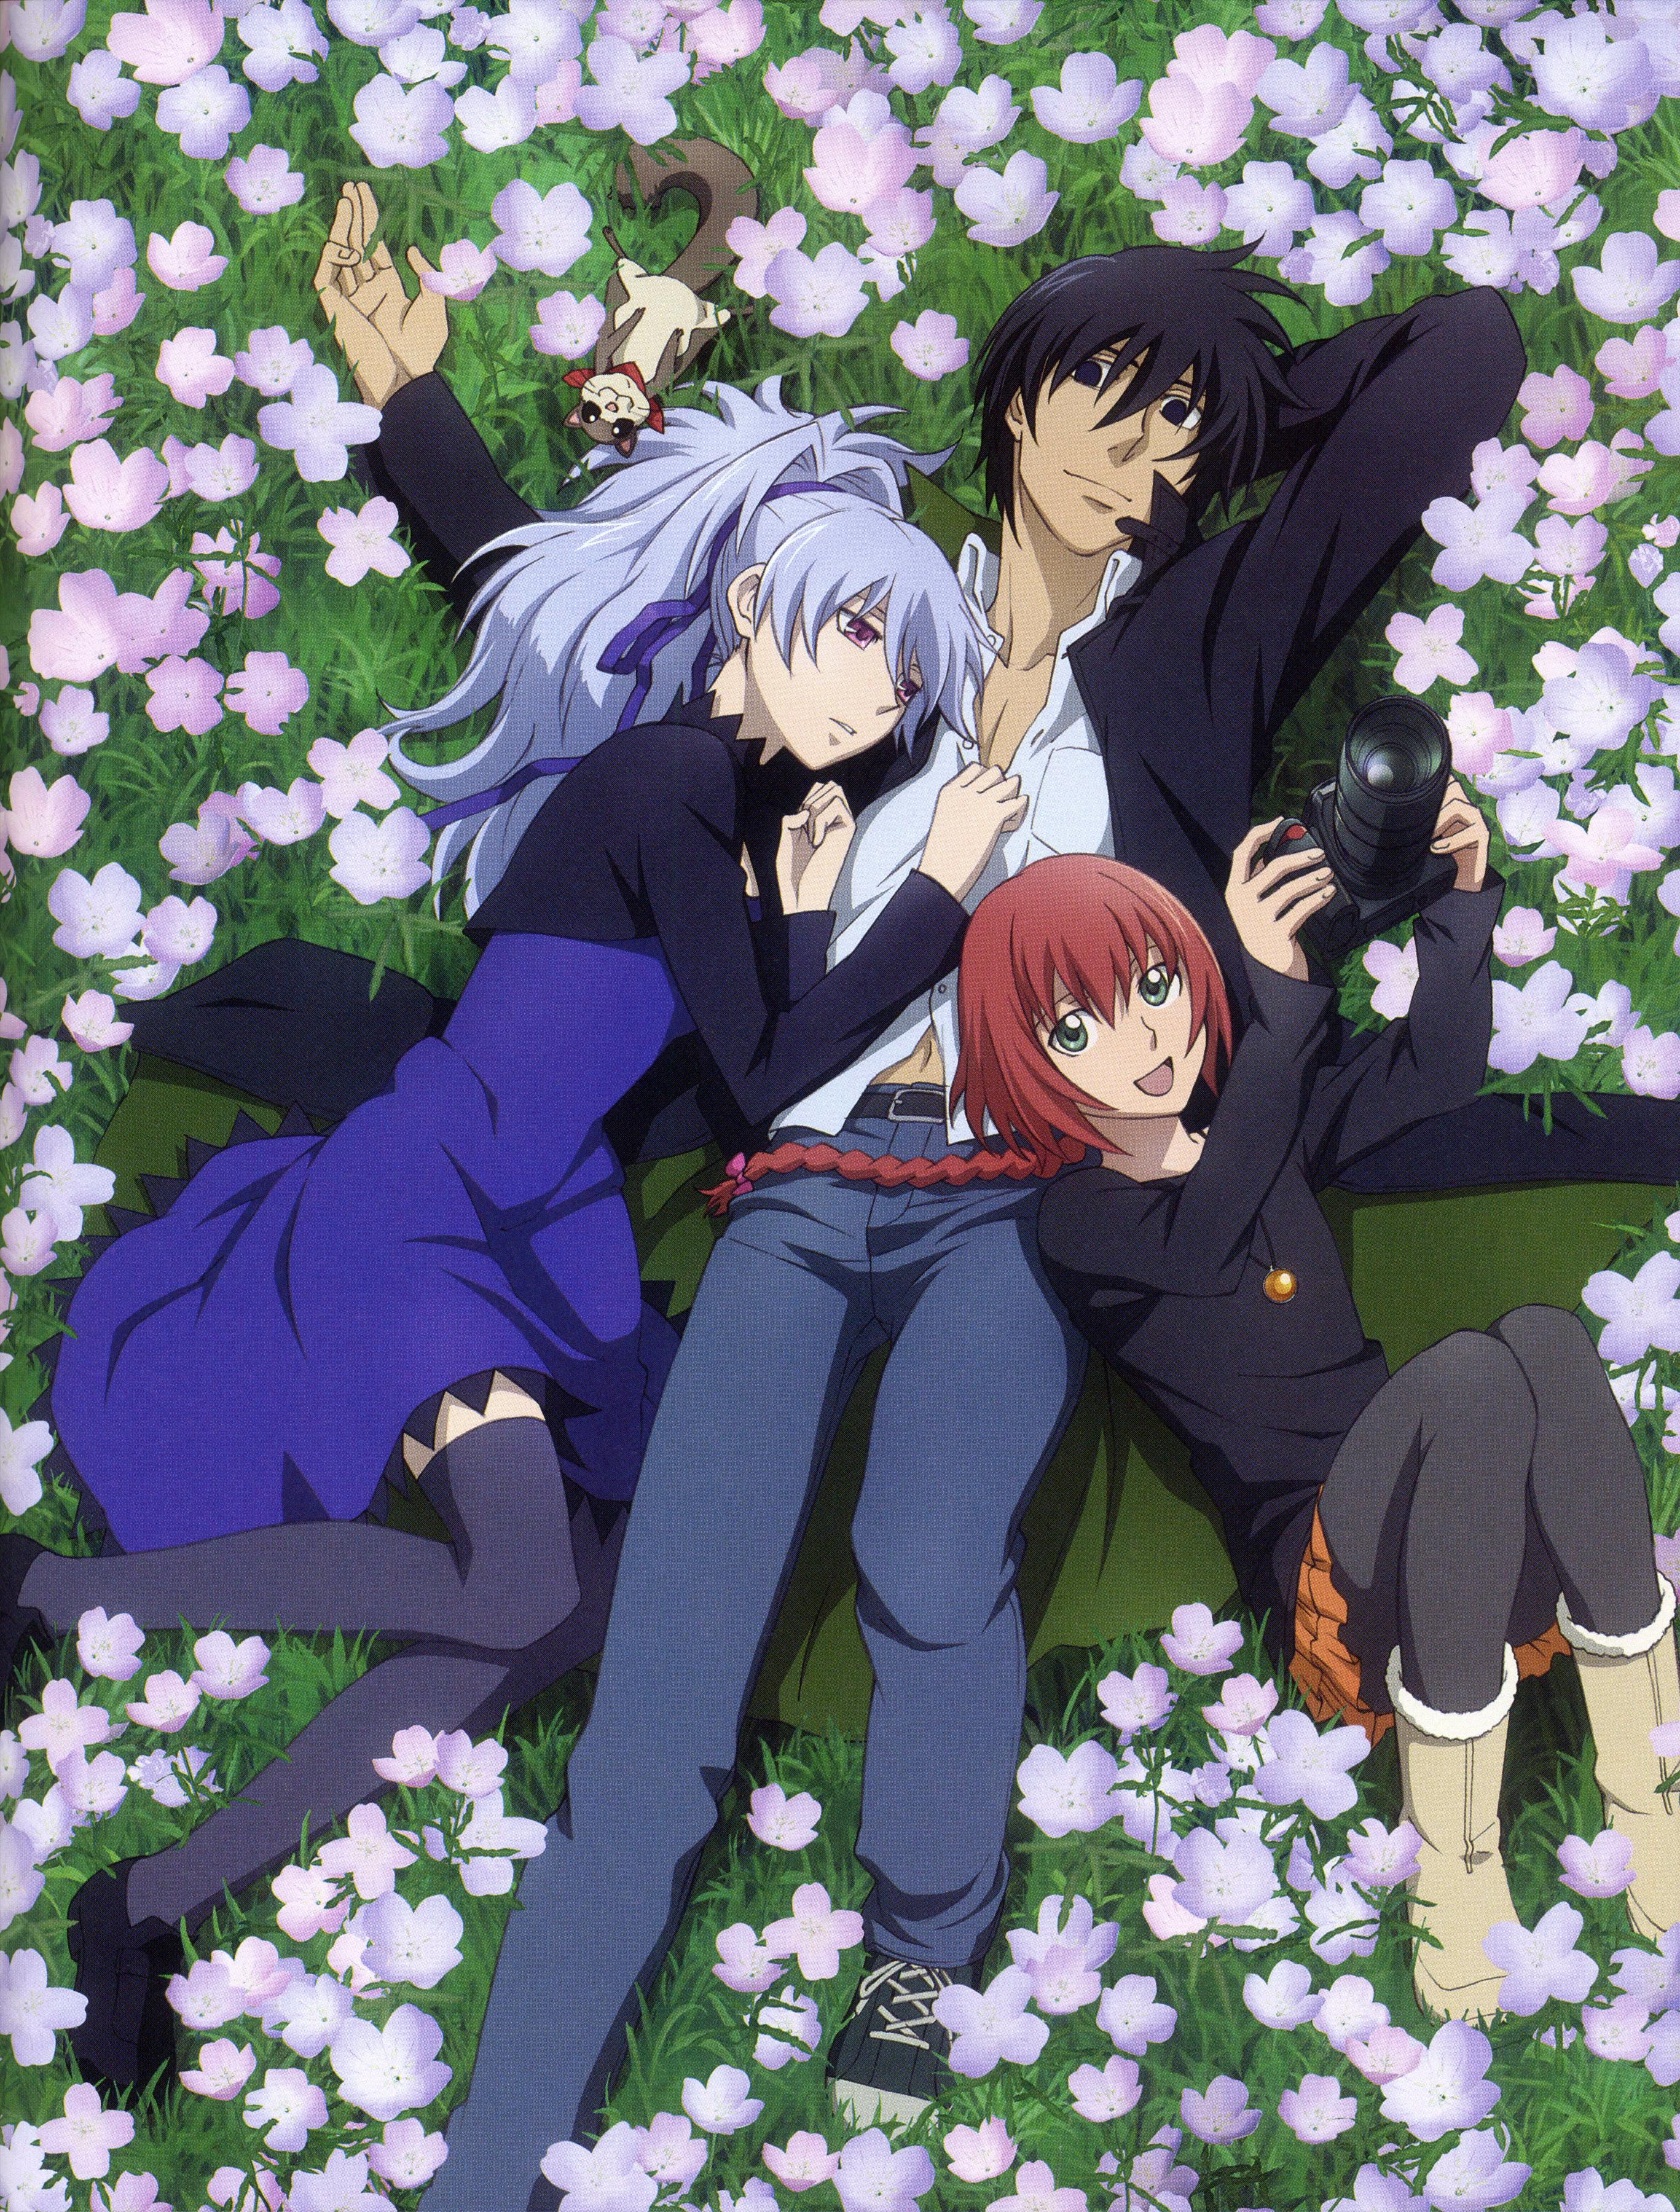 anime manga boy and girl: Zerochan Anime Image Board